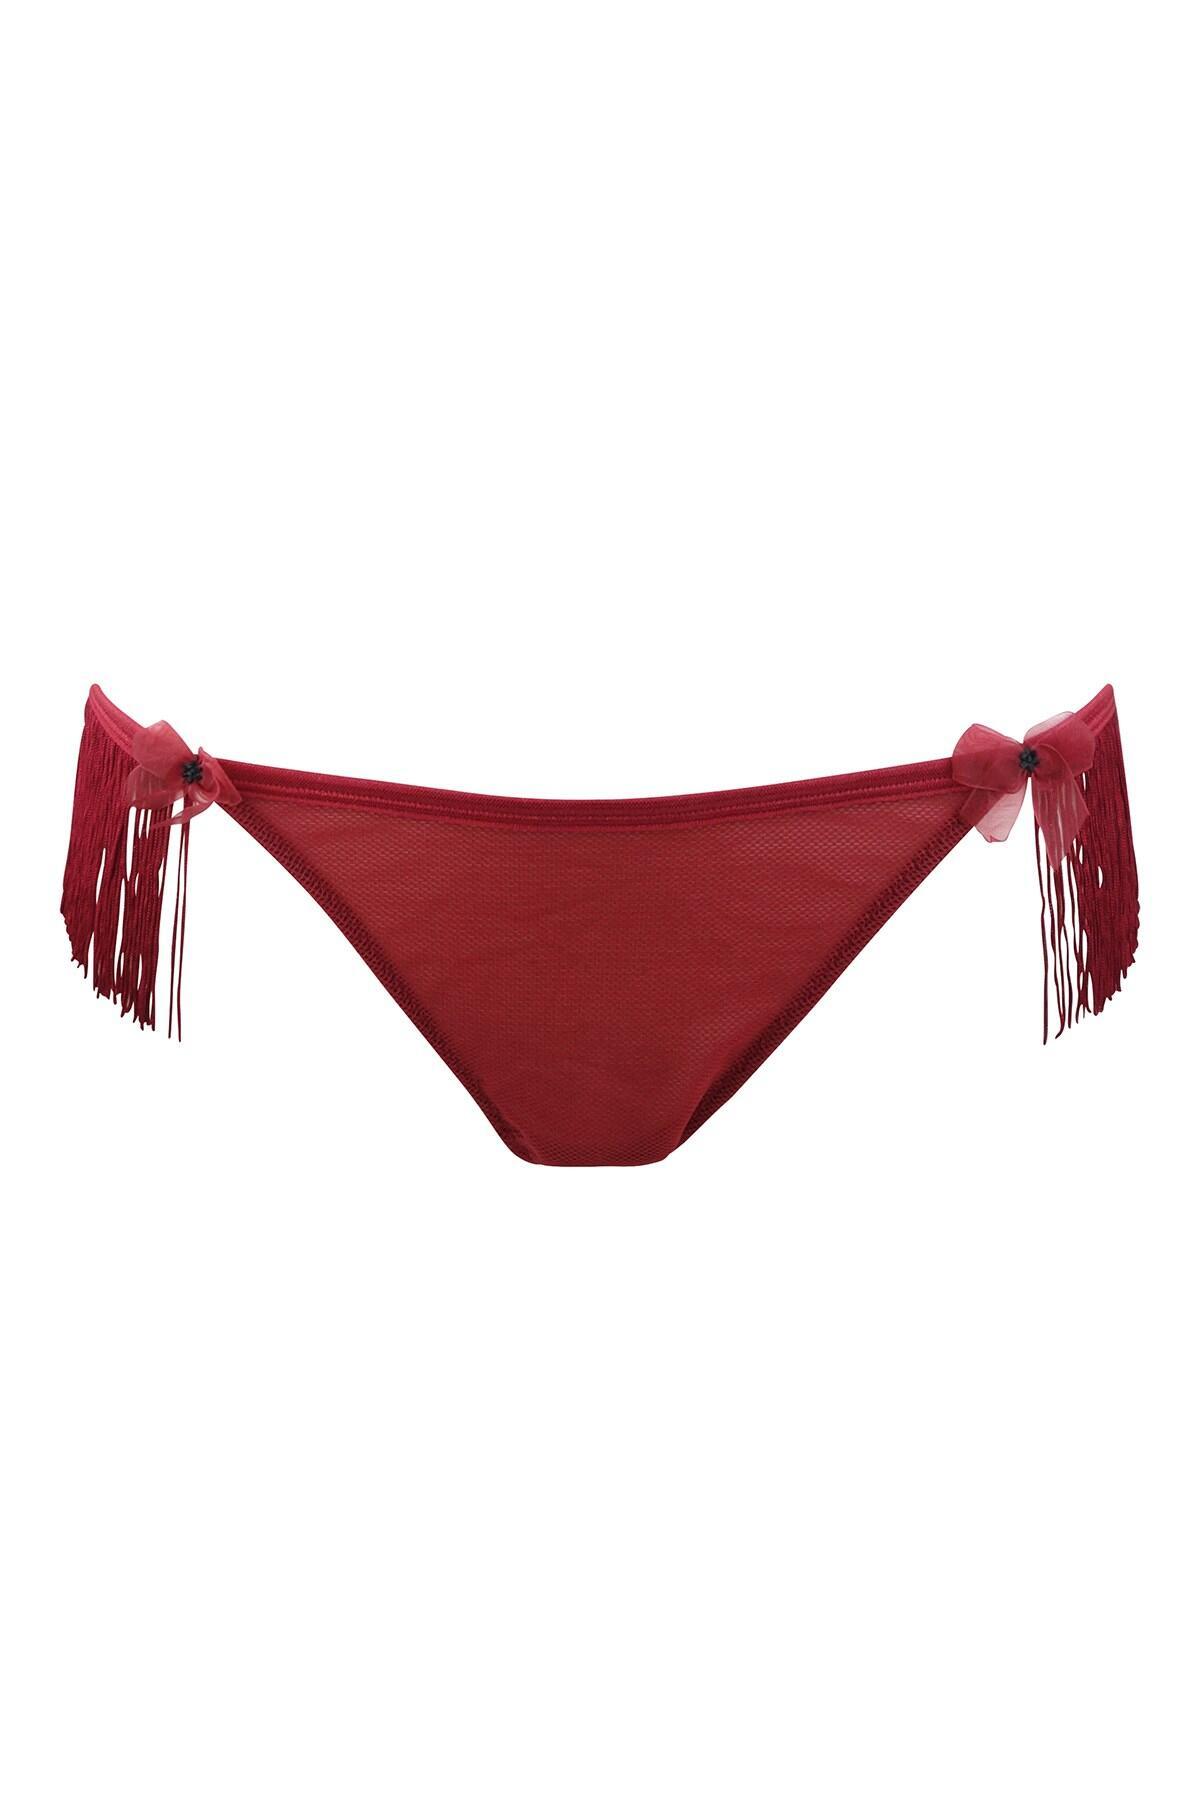 Cabaret Thong - Red